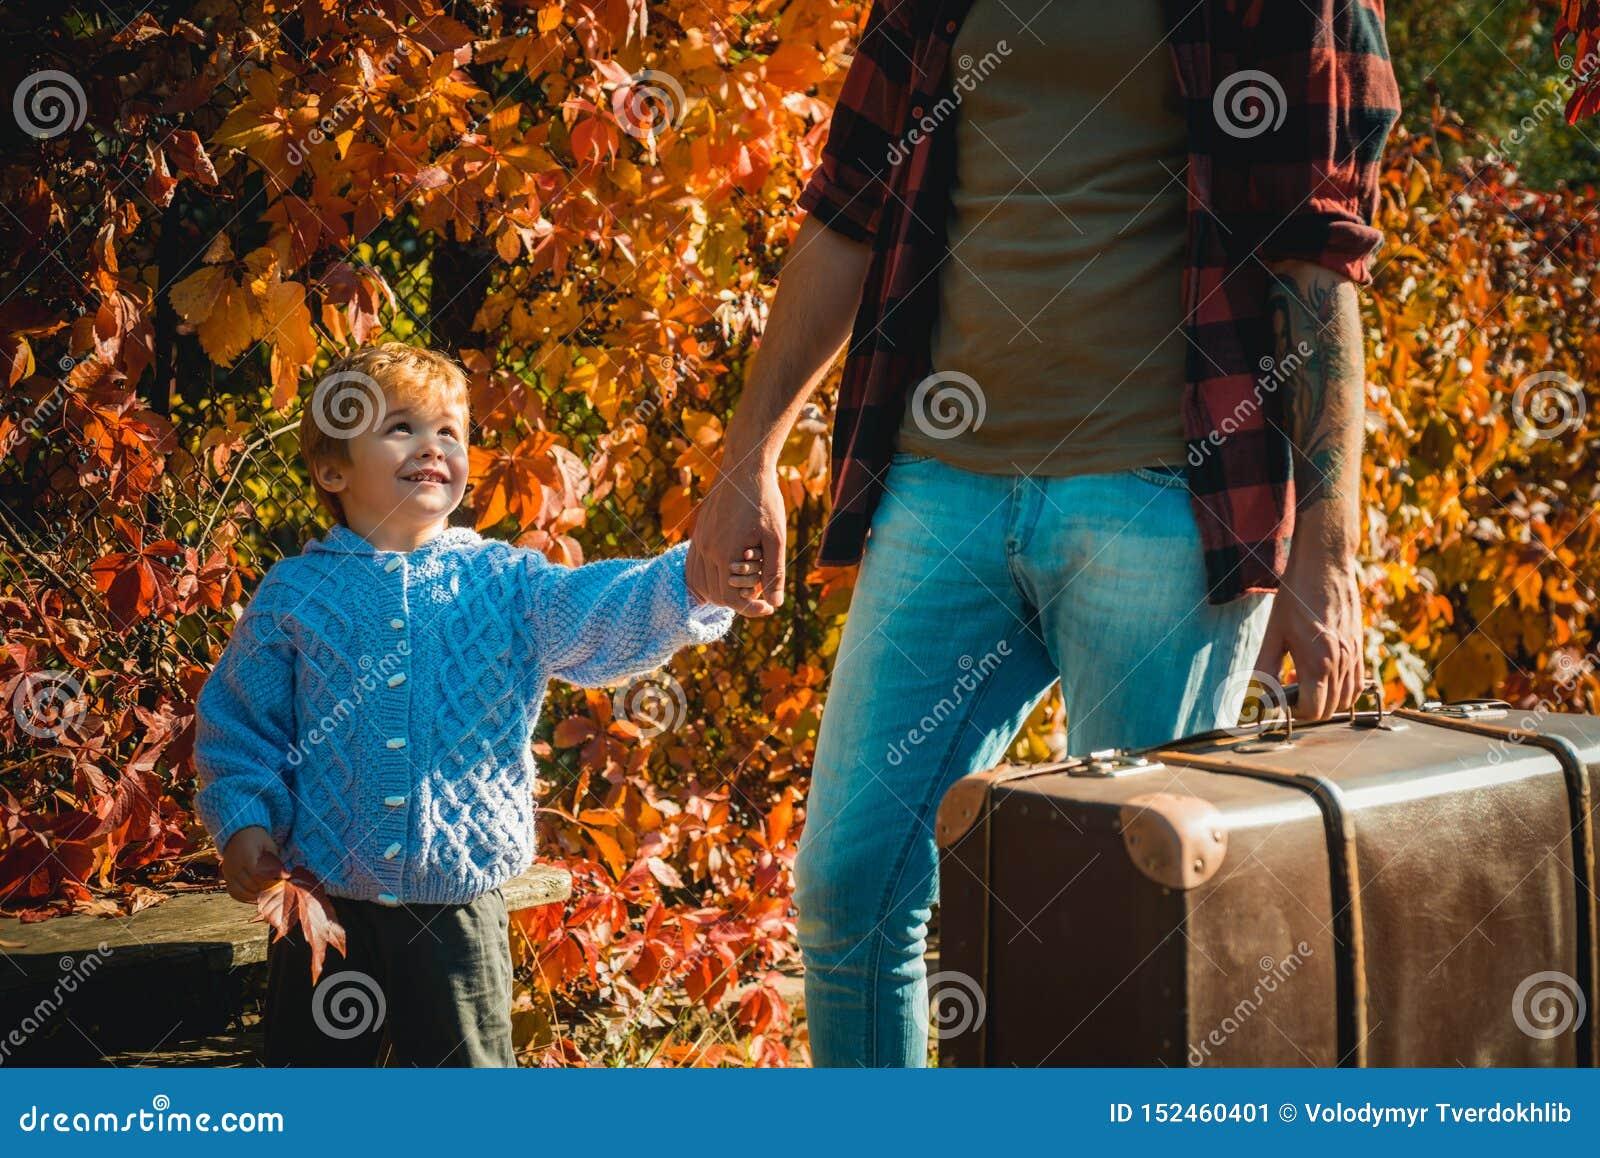 Tempo da fam?lia Aventura com filho Dizendo hist?rias sobre ?pocas passadas Pai com mala de viagem e seu filho Dizer farpado do p